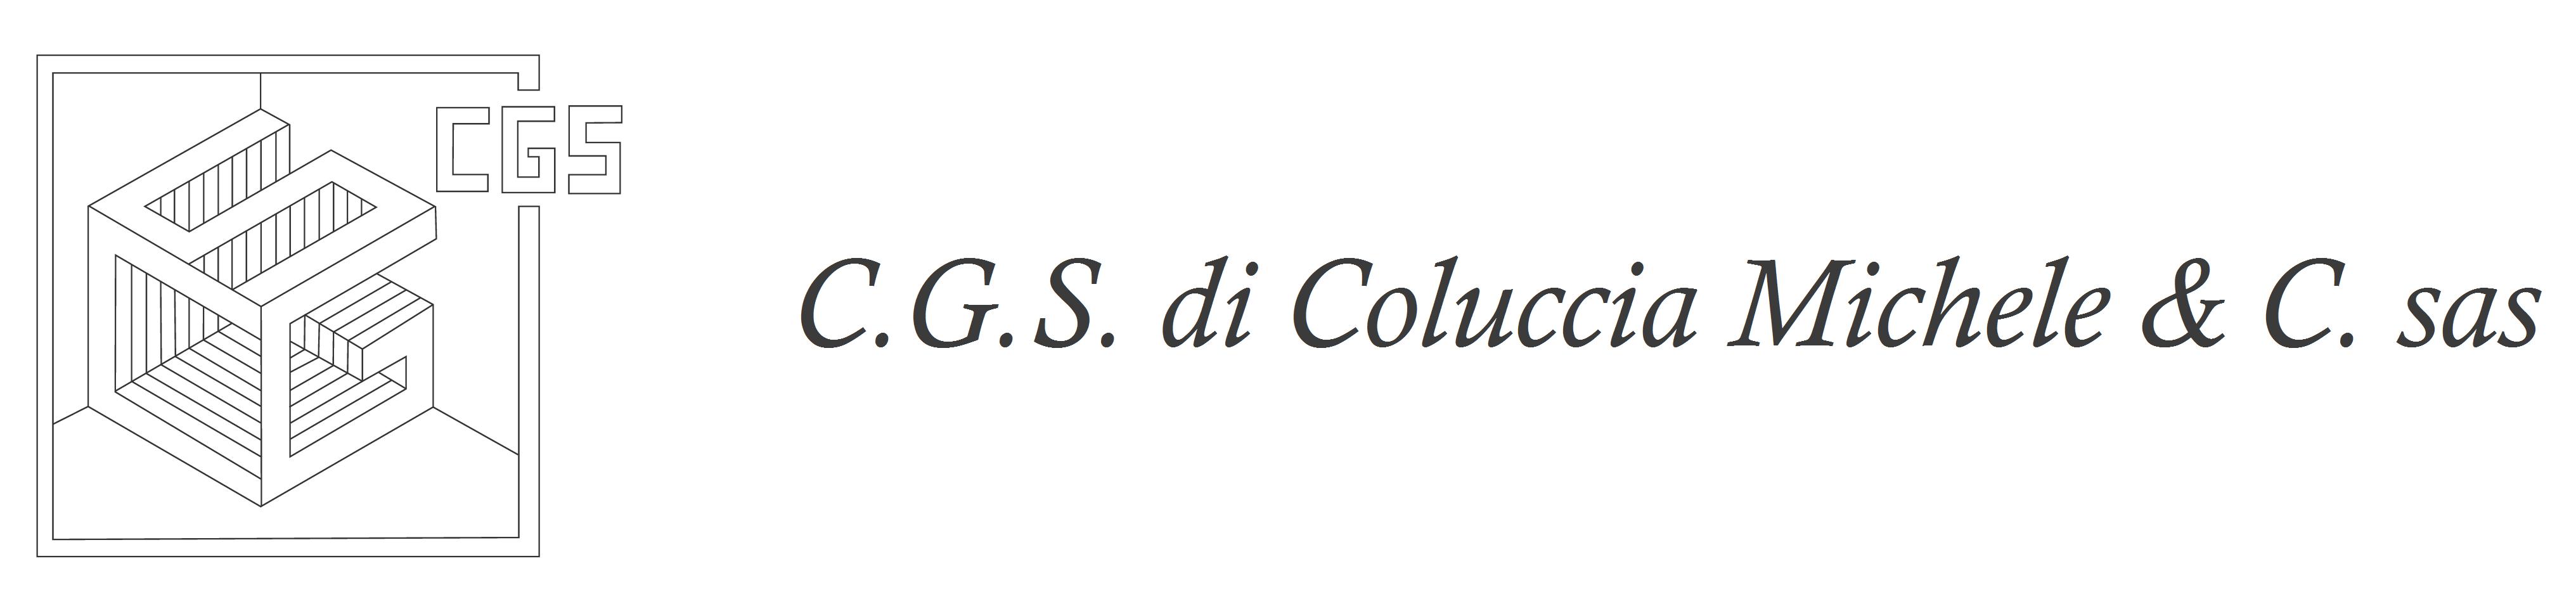 C.G.S. di Michele Coluccia & C. sas